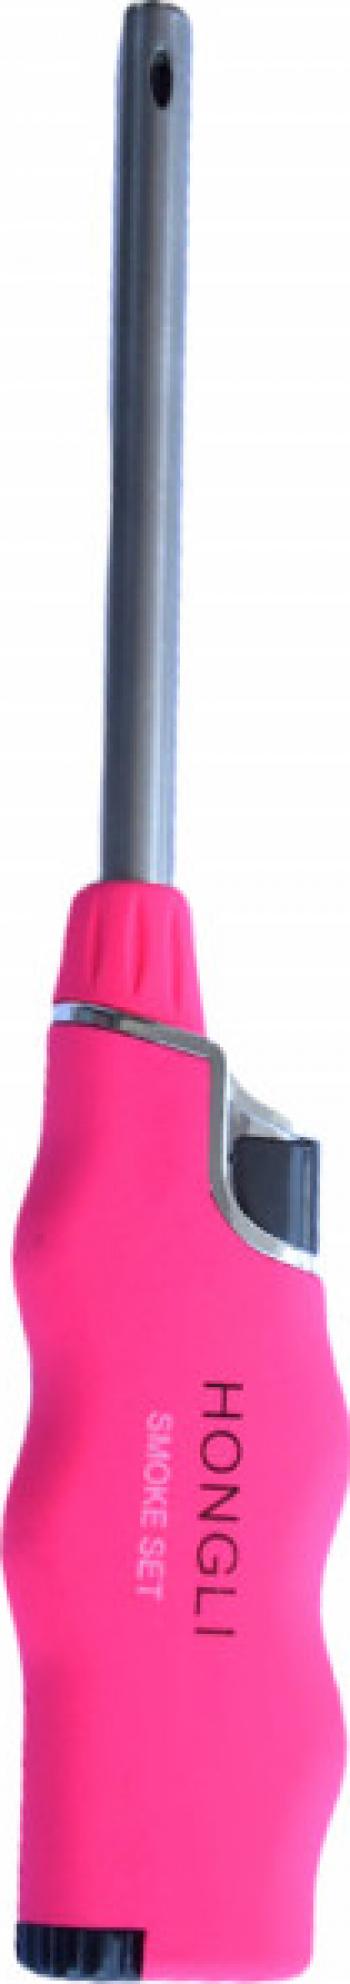 Aprinzator reglabil si reincarcabil pentru aragaz tip bricheta roz Accesorii bucatarie